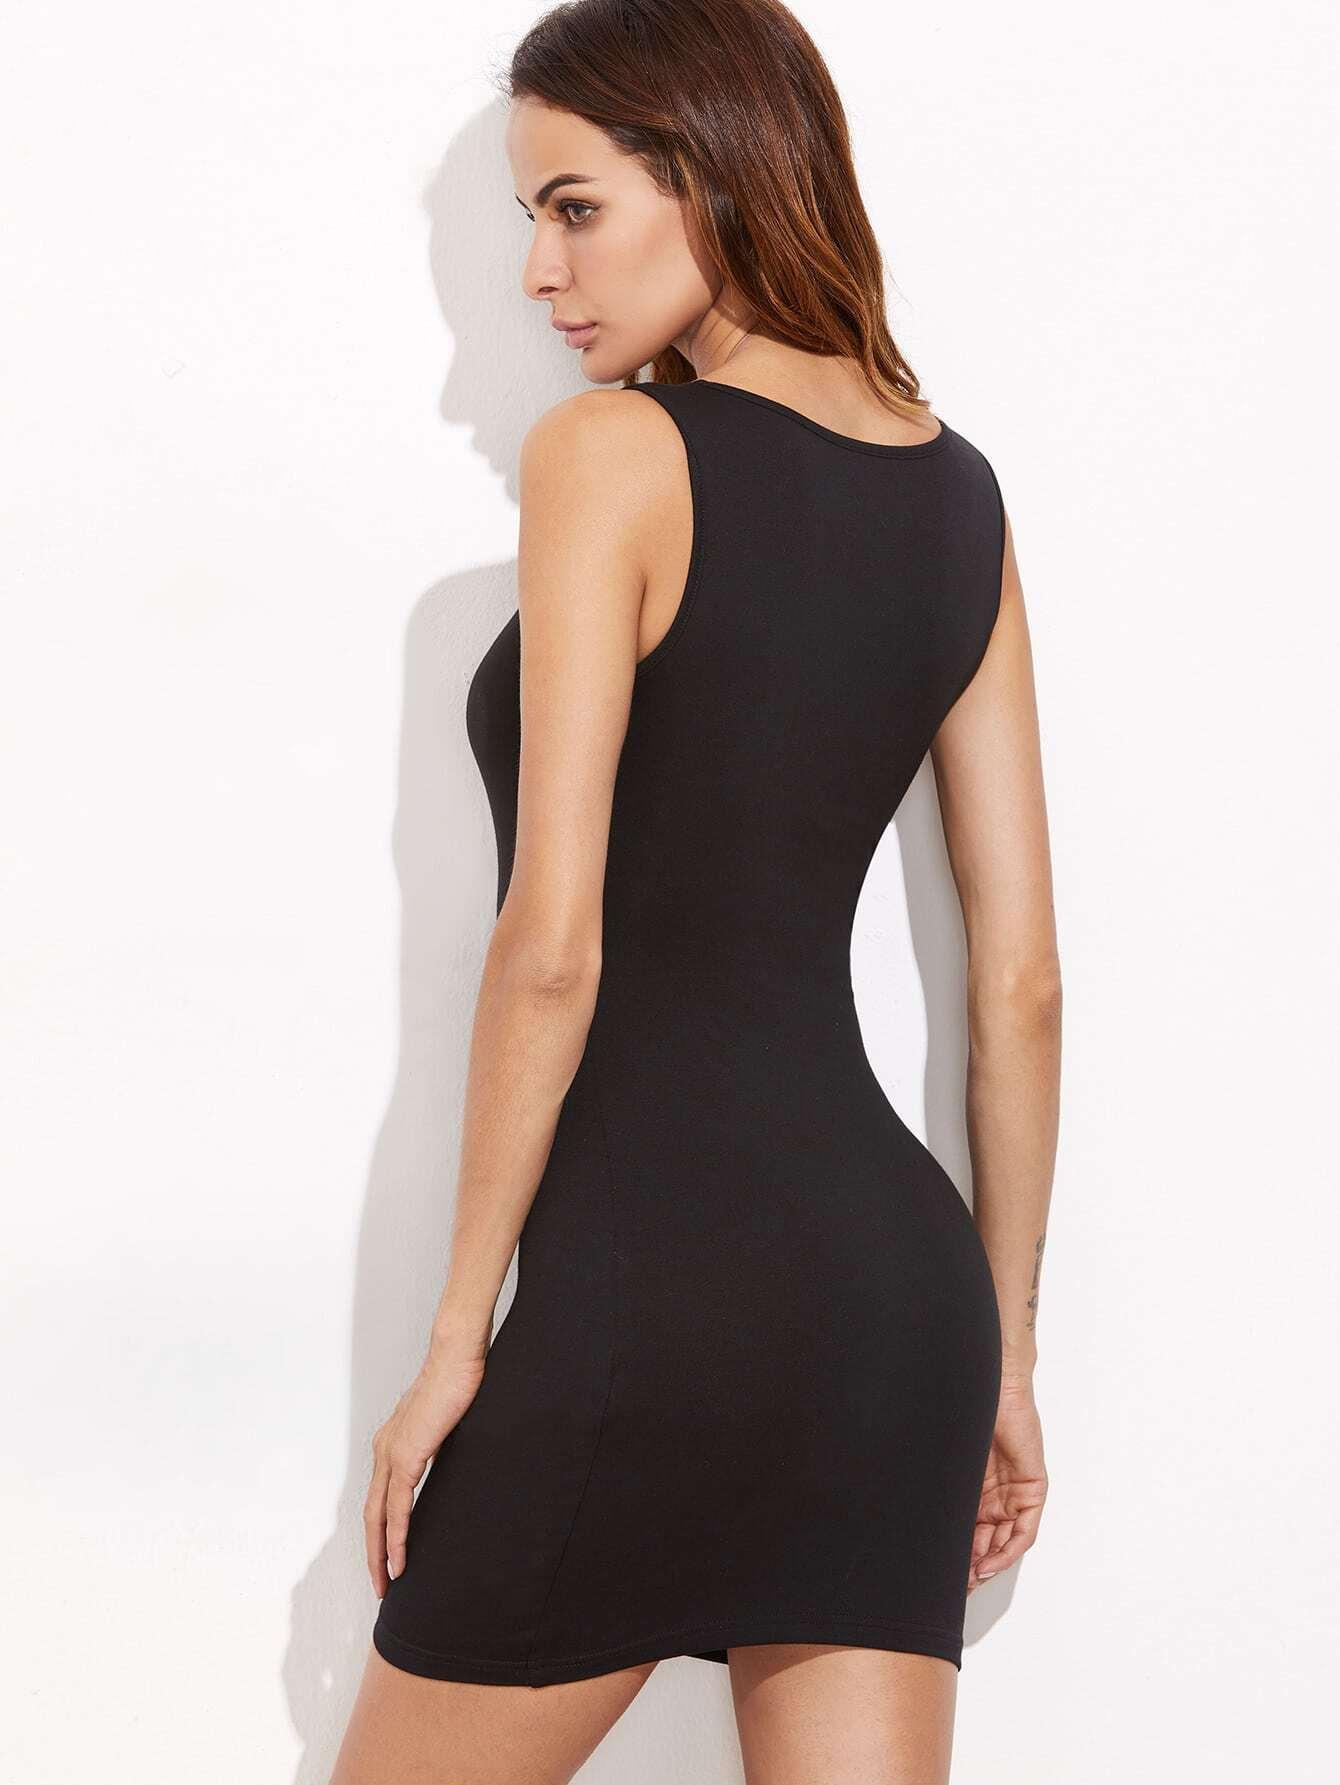 dress161026719_2